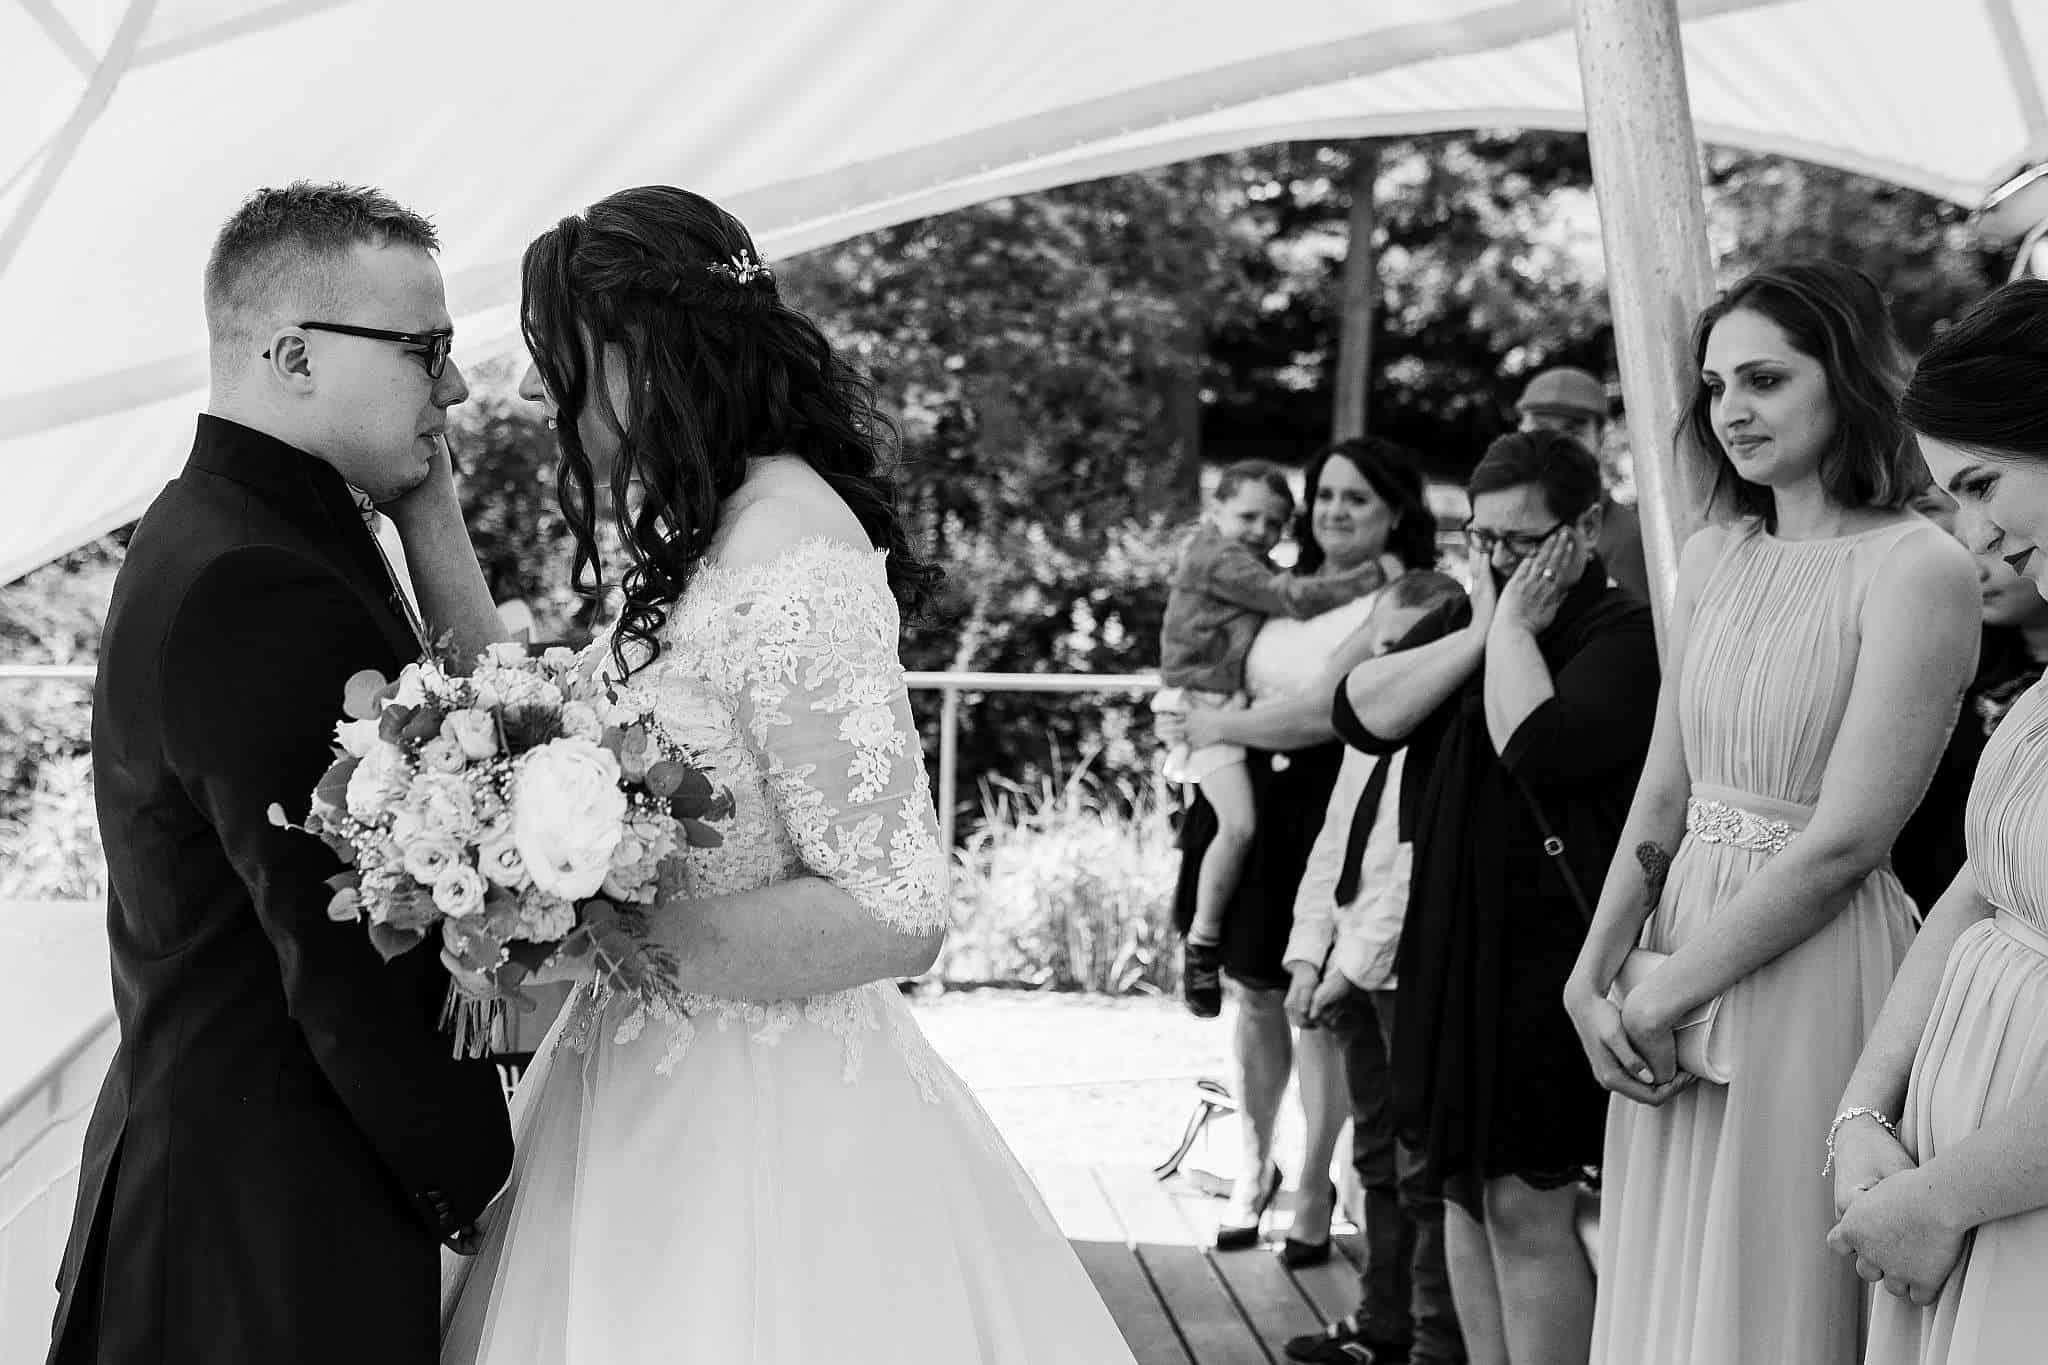 Hochzeitsfotograf Kaiserslautern: Die Gäste sind ebenfalls ergriffen